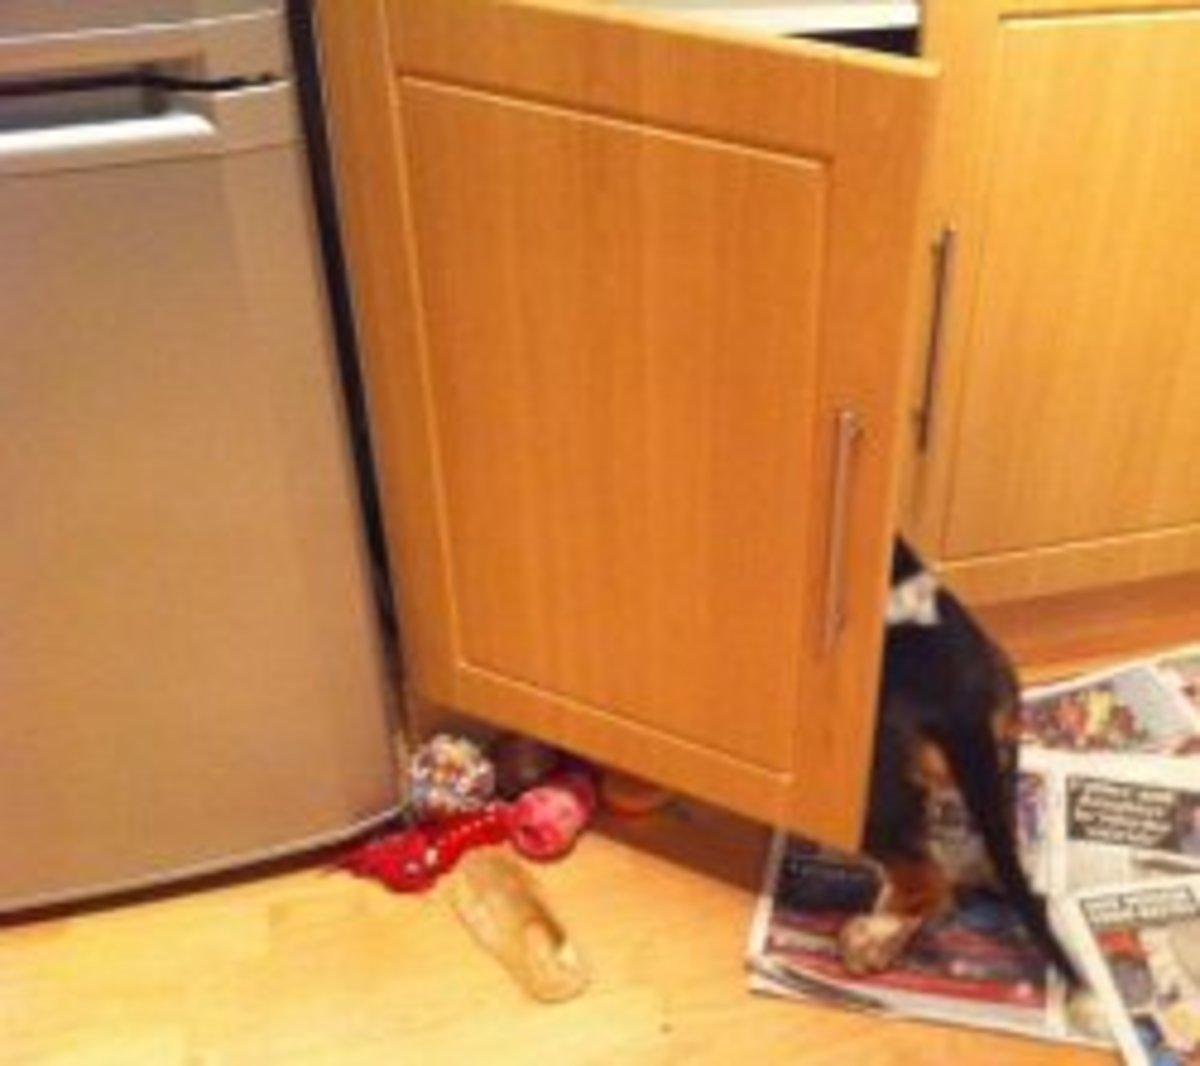 Child door locks will keep your basset hound puppy out